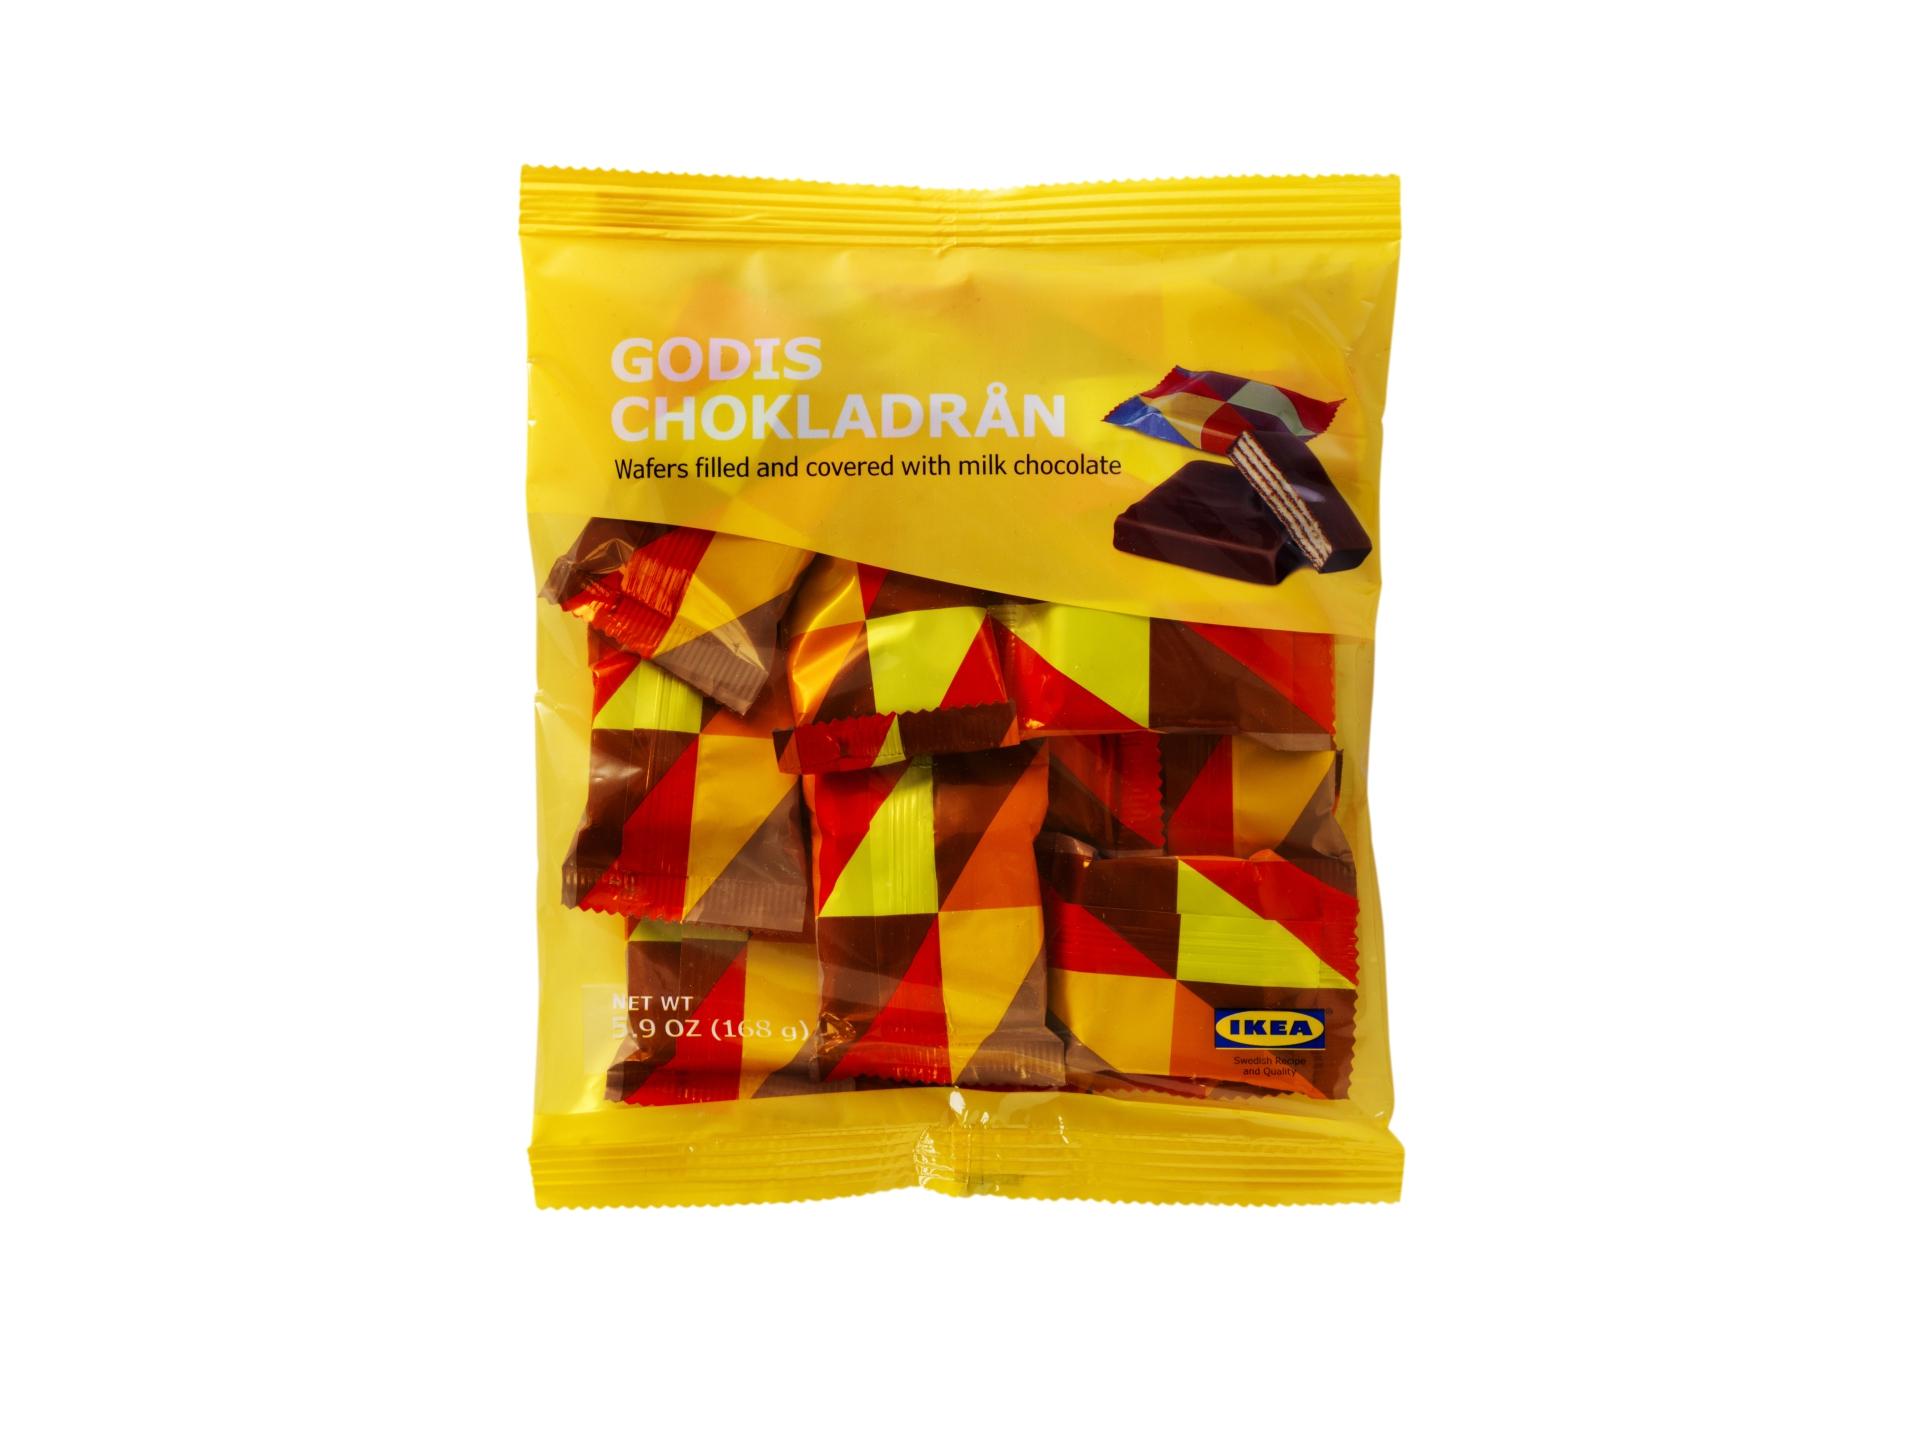 ikea dehnt r ckruf zu schokolade aus sechs weitere produkte sind f r personen mit. Black Bedroom Furniture Sets. Home Design Ideas